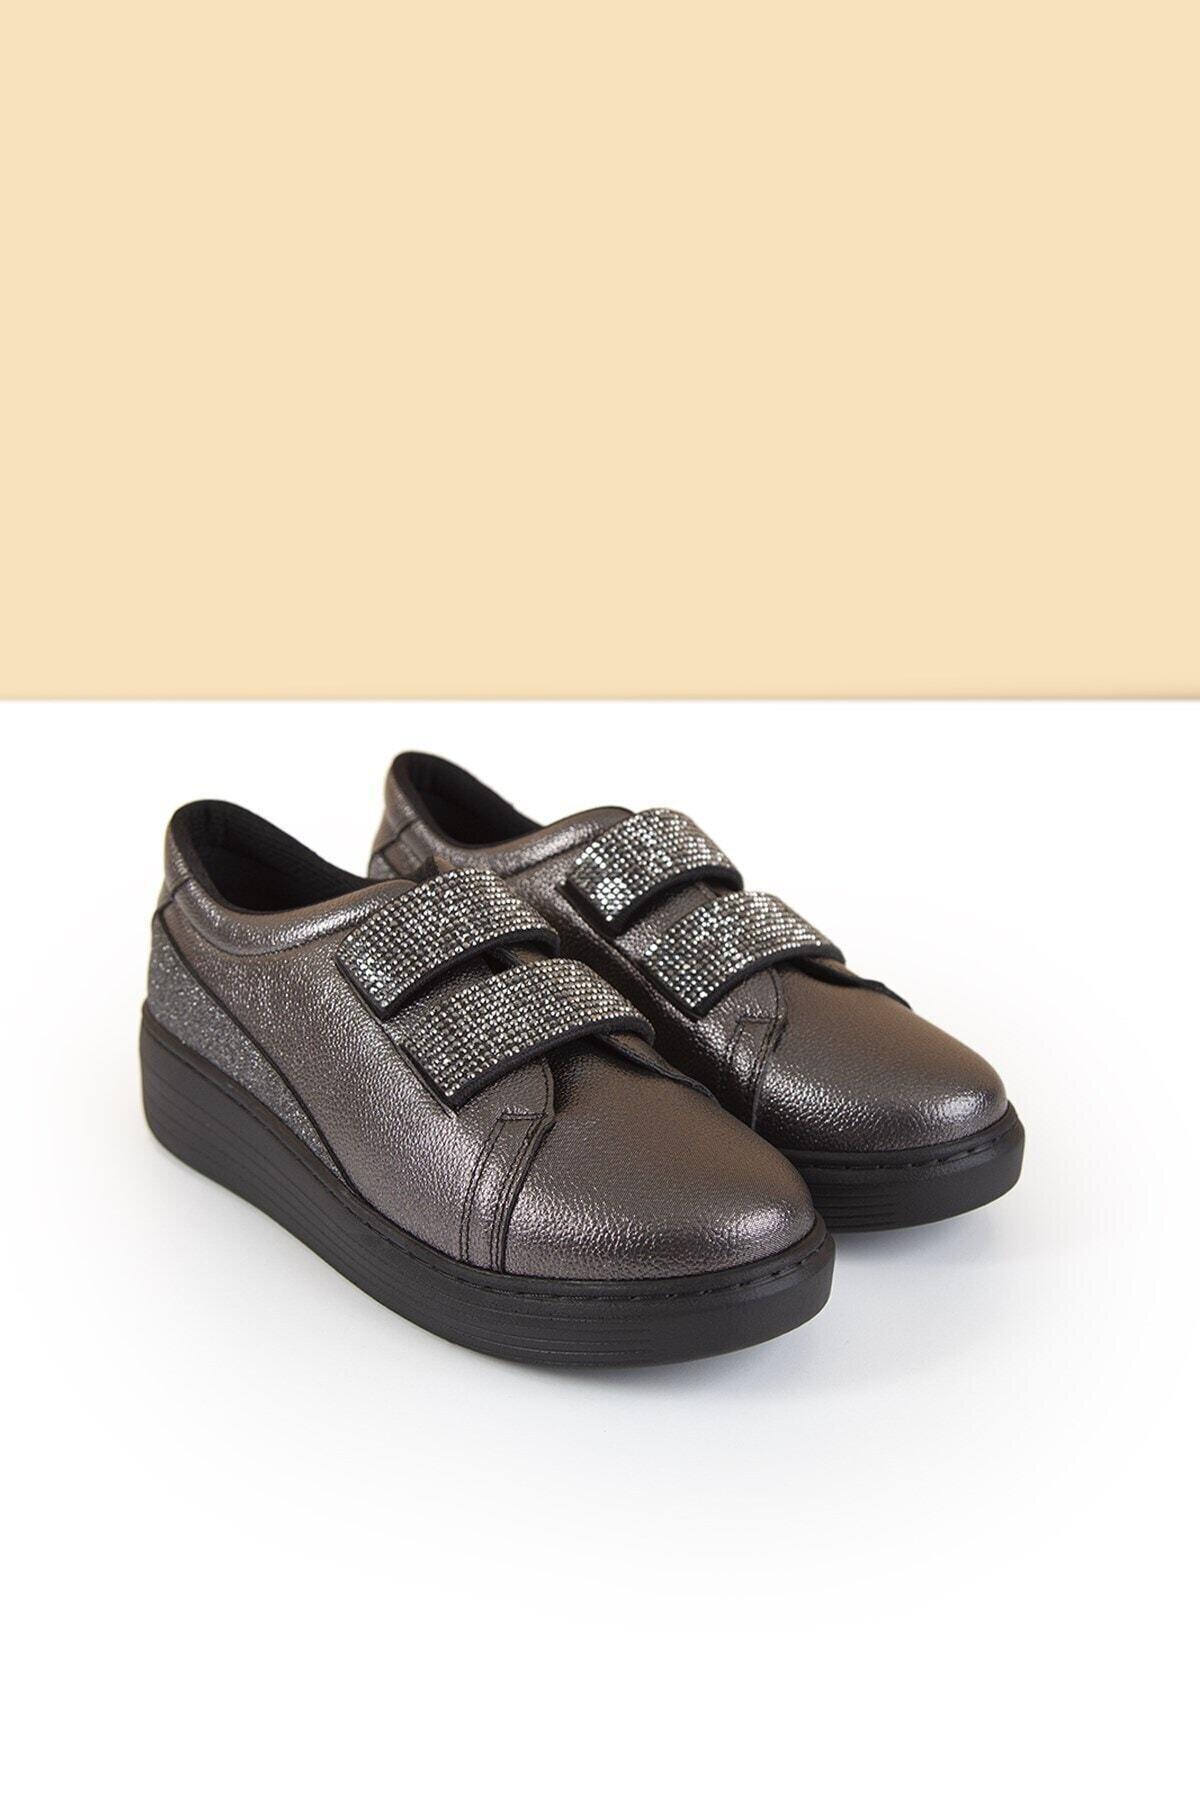 Pierre Cardin Kadın Günlük Streç Ayakkabı Platin Gri 1